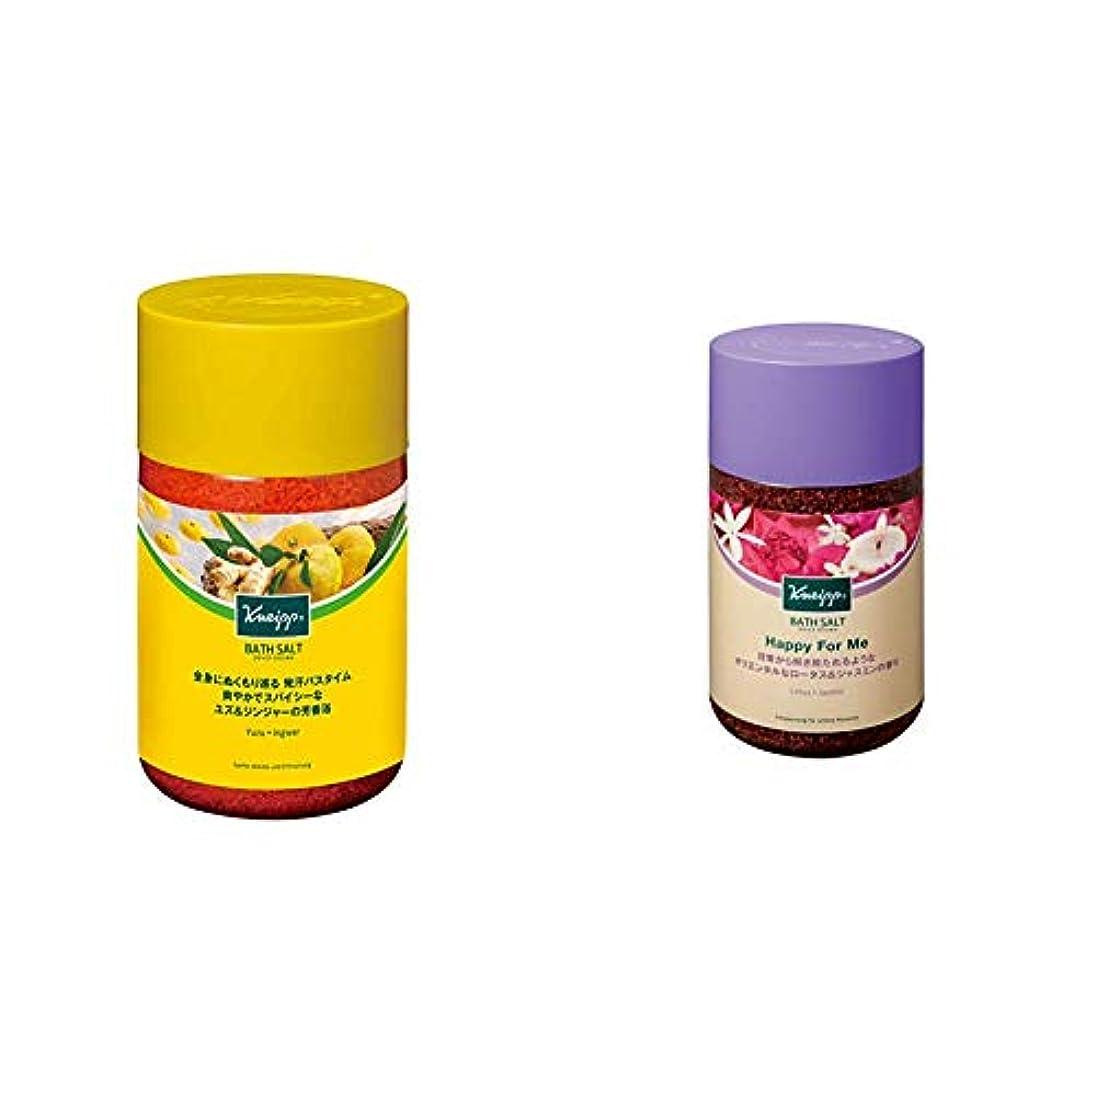 アフリカケニア閃光クナイプ バスソルト ユズ&ジンジャーの香り 850g & バスソルト ハッピーフォーミー ロータス&ジャスミンの香り